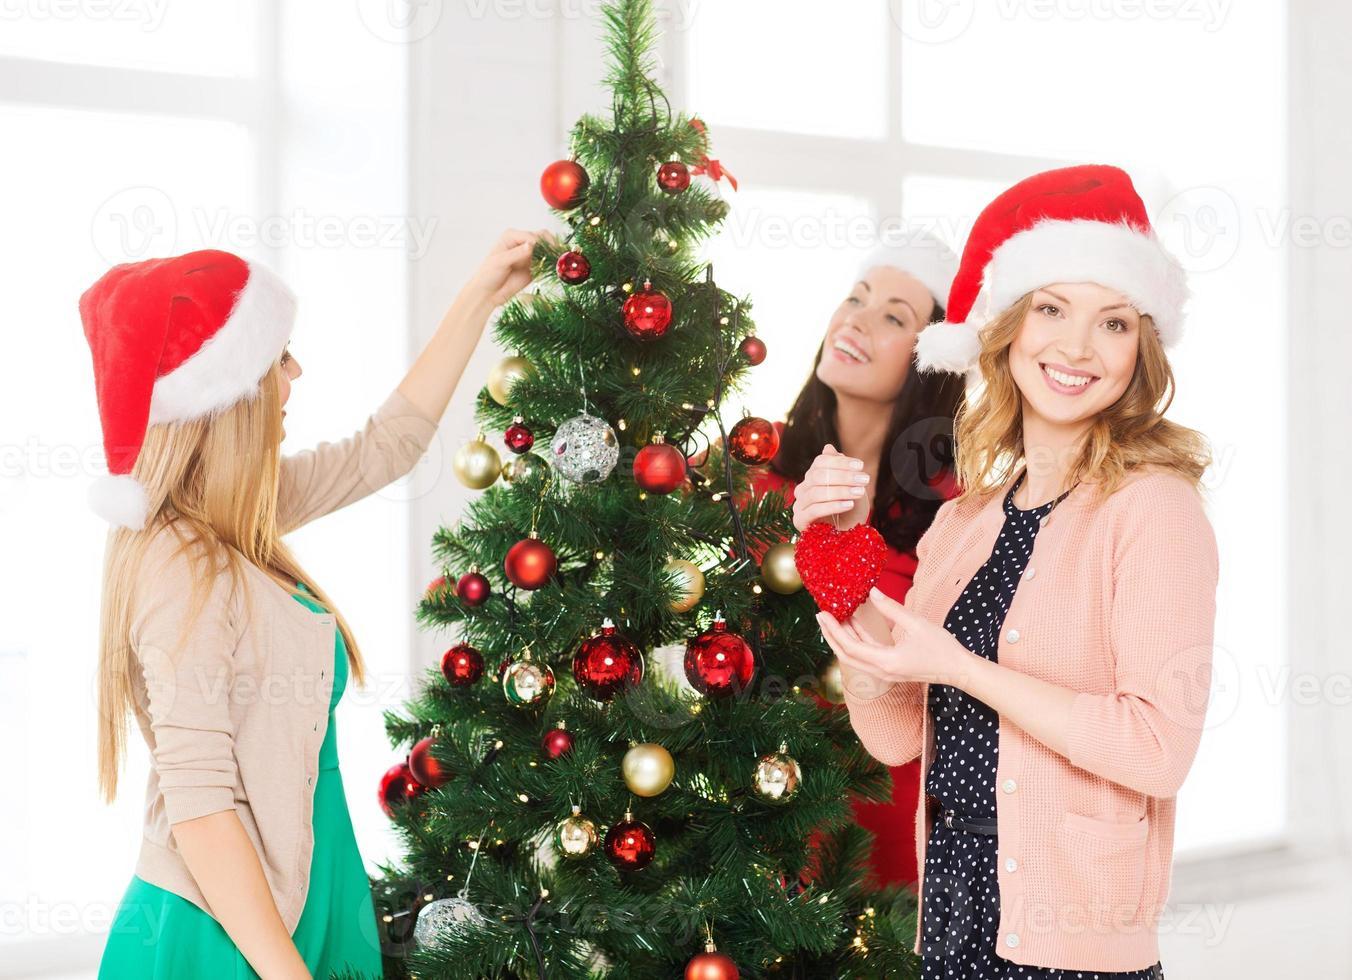 Frauen in Santa Helferhüten schmücken einen Baum foto